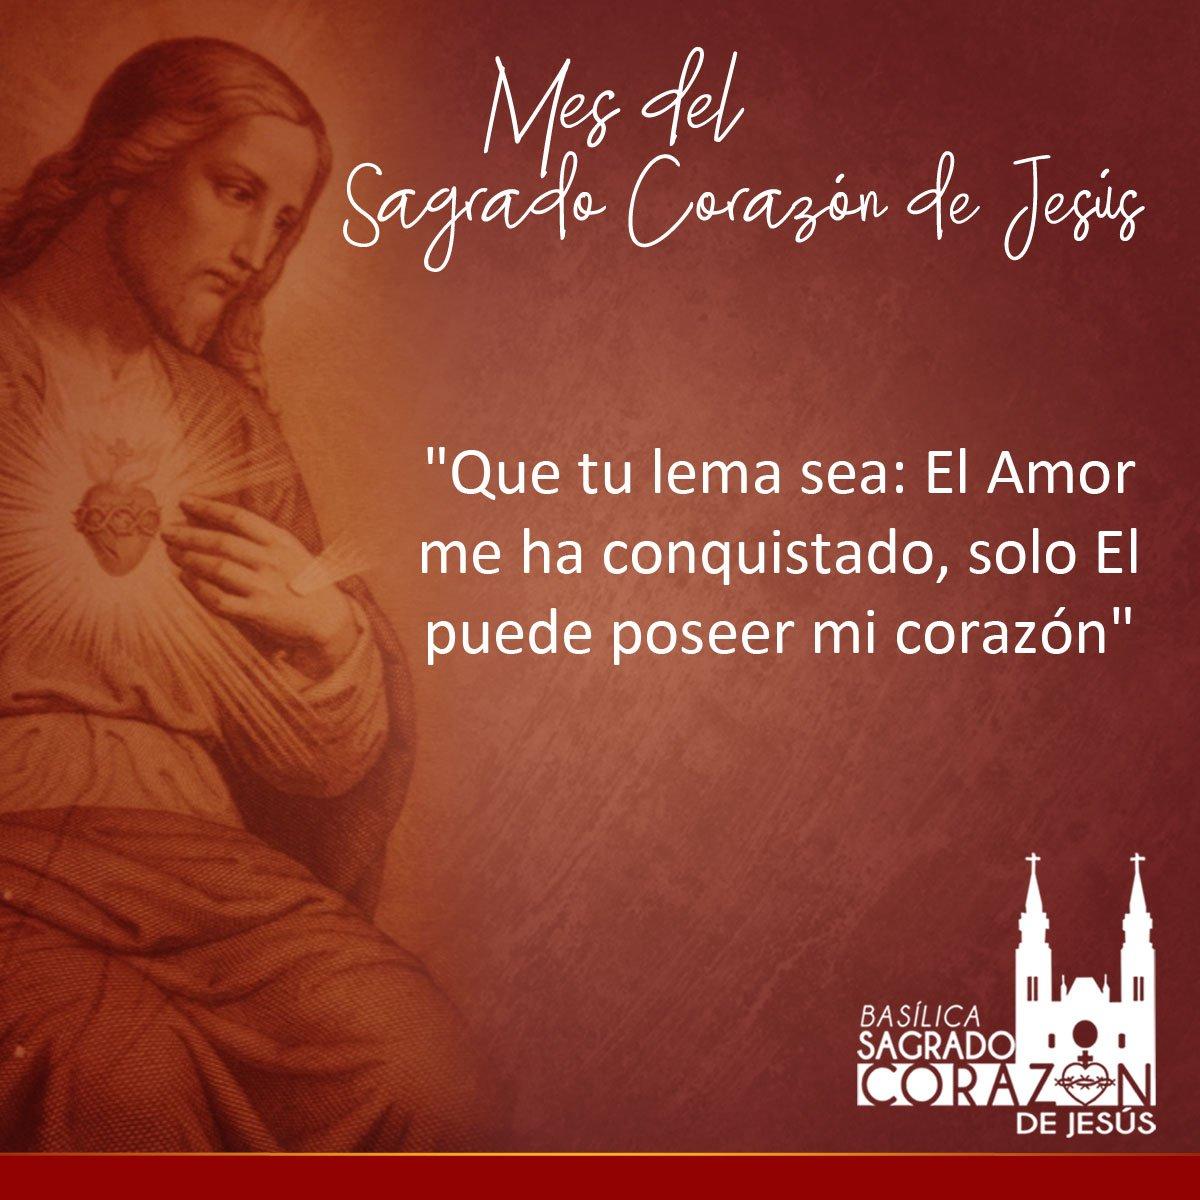 Bsagradocorazon On Twitter Frases Del Sagrado Corazón De